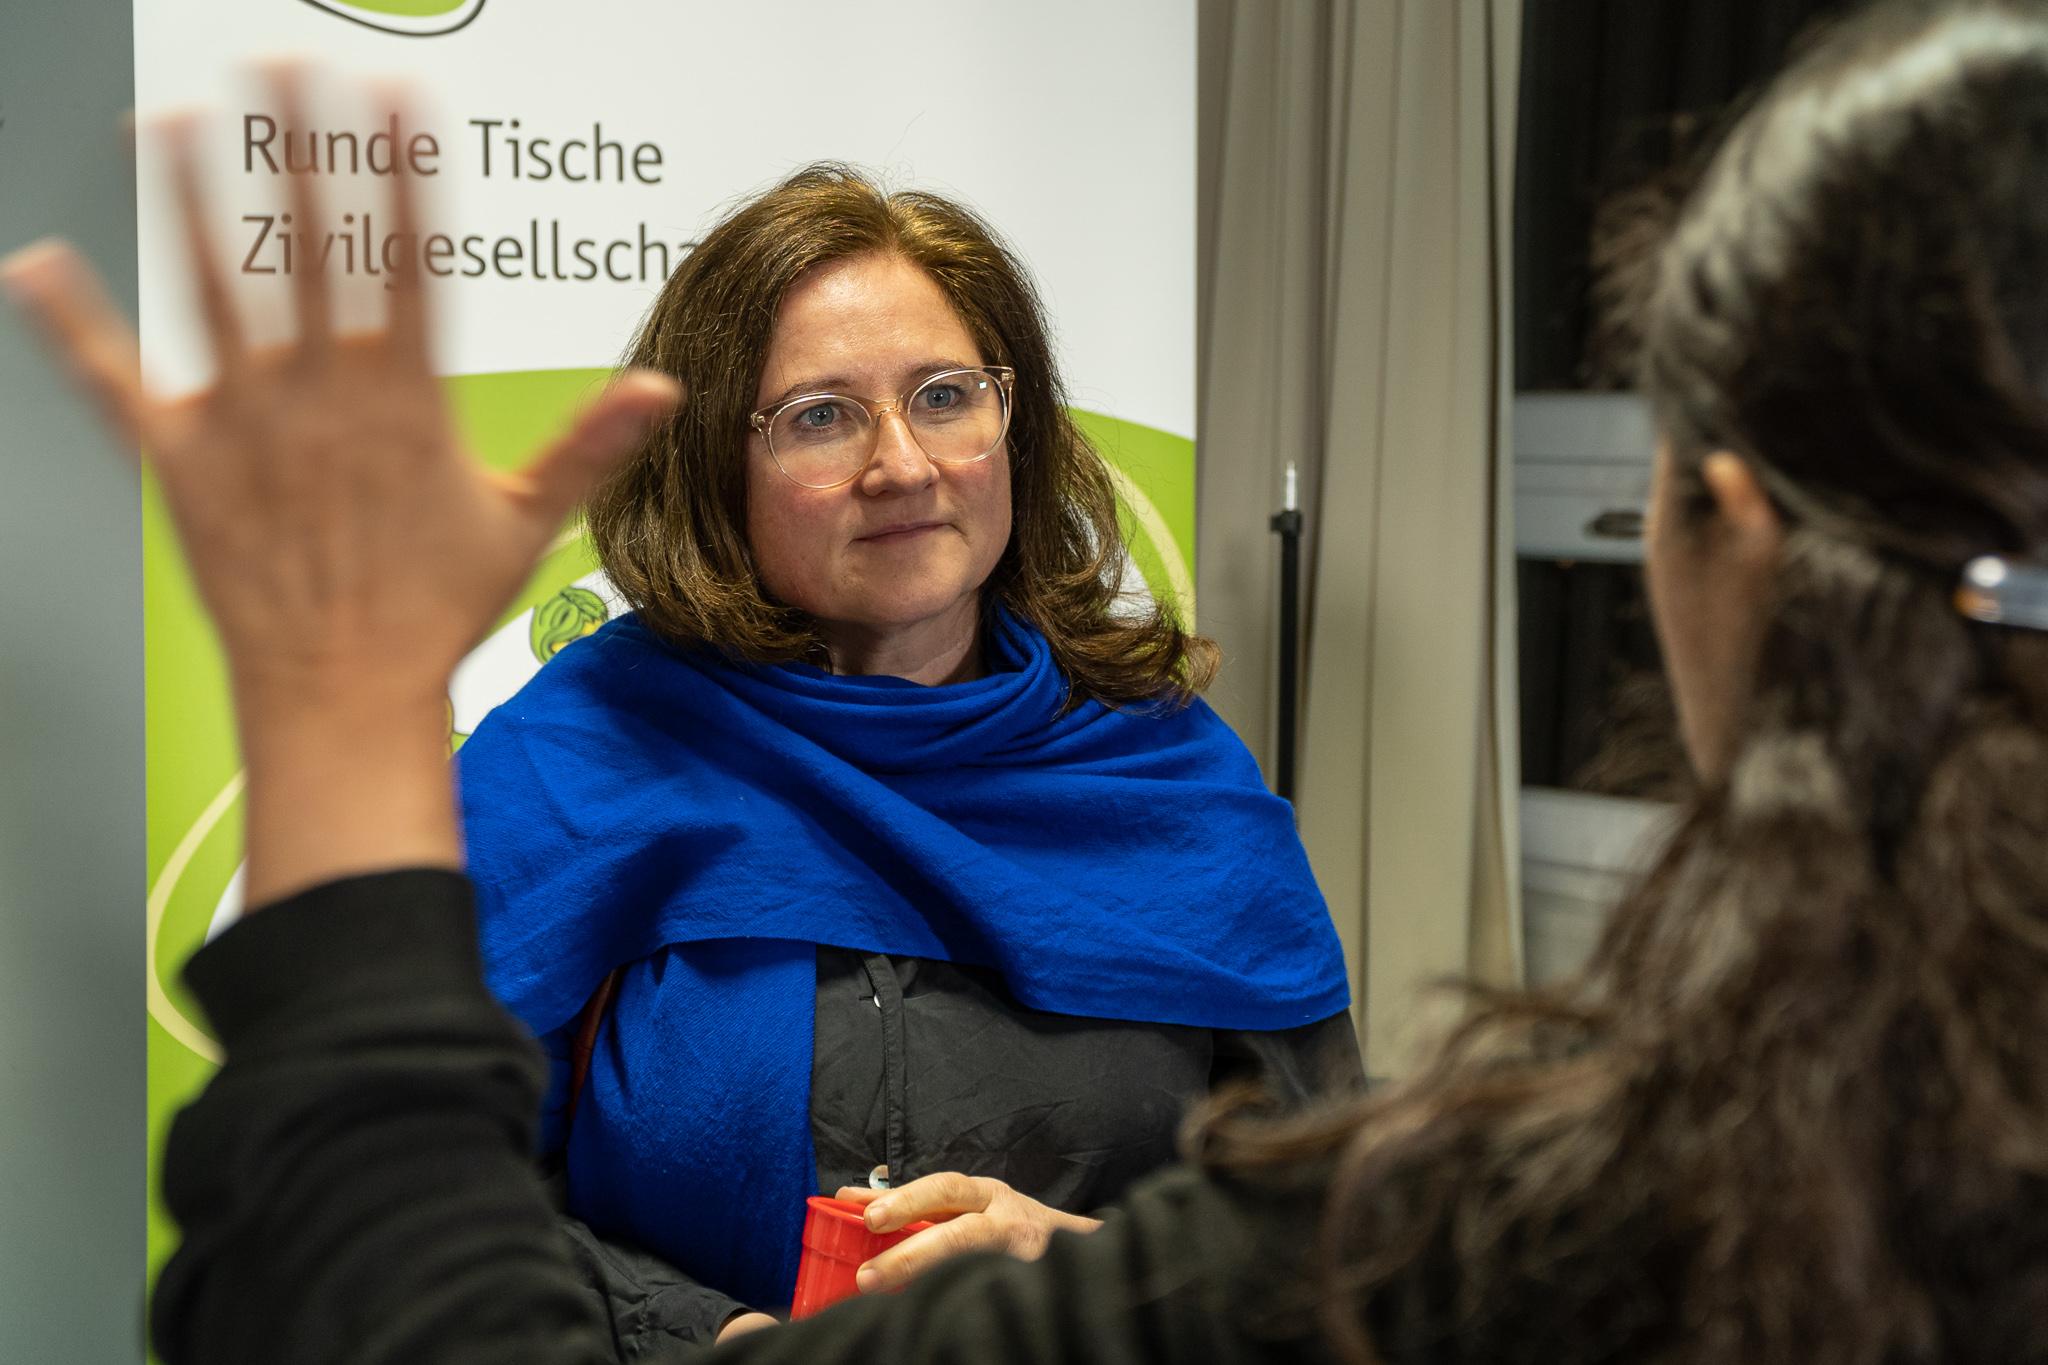 Runder-Tisch-2019-11-25-social-028-A7C00473